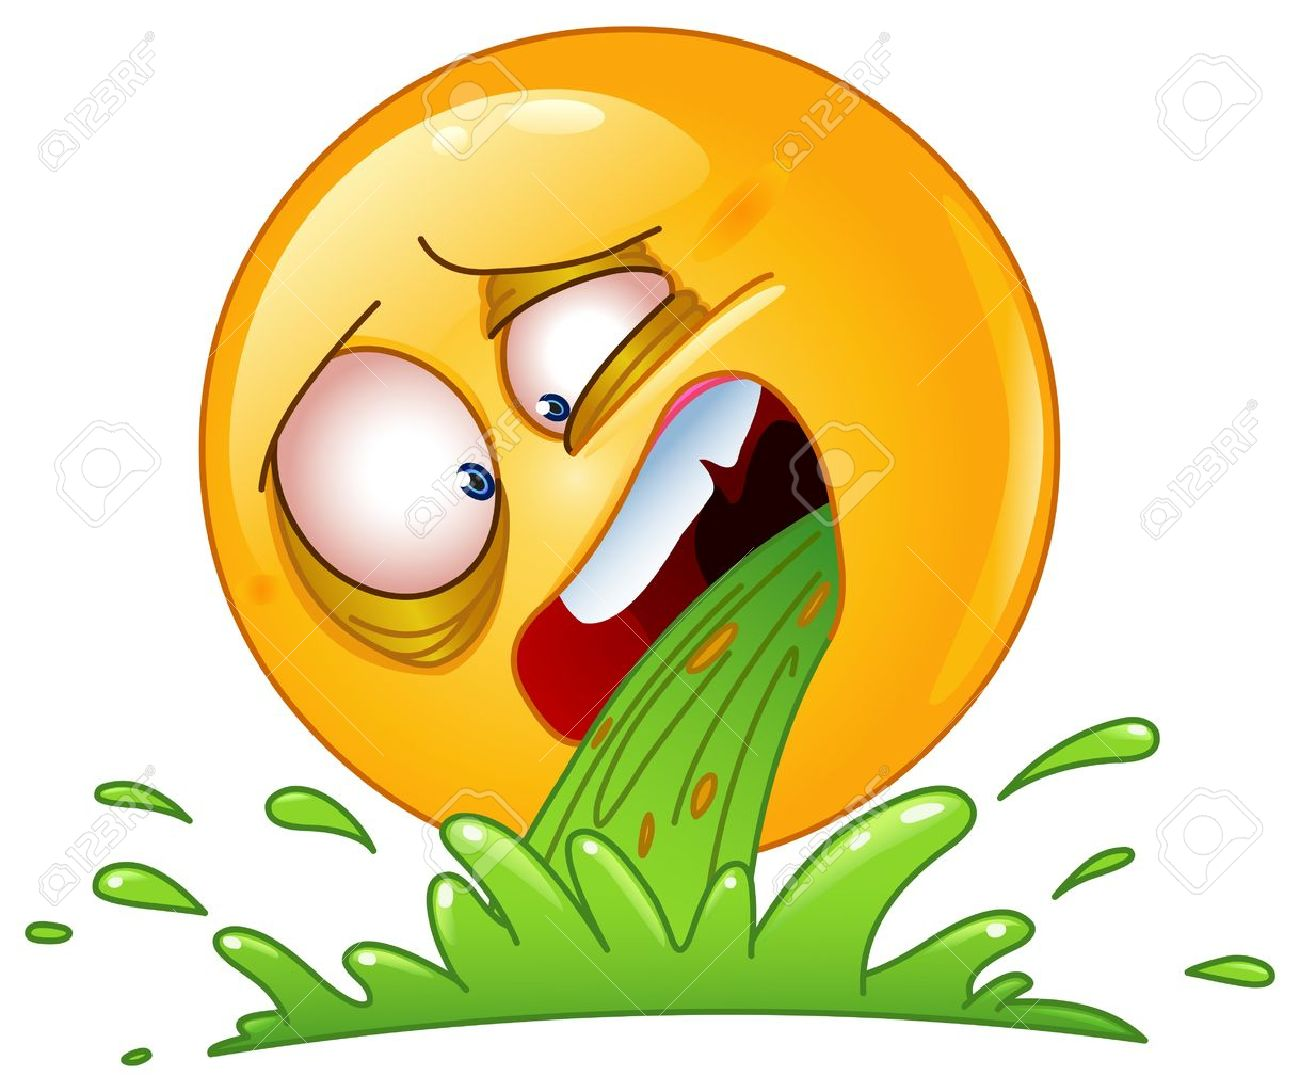 Emoticon vomiting cartoon Drunk Emoticon